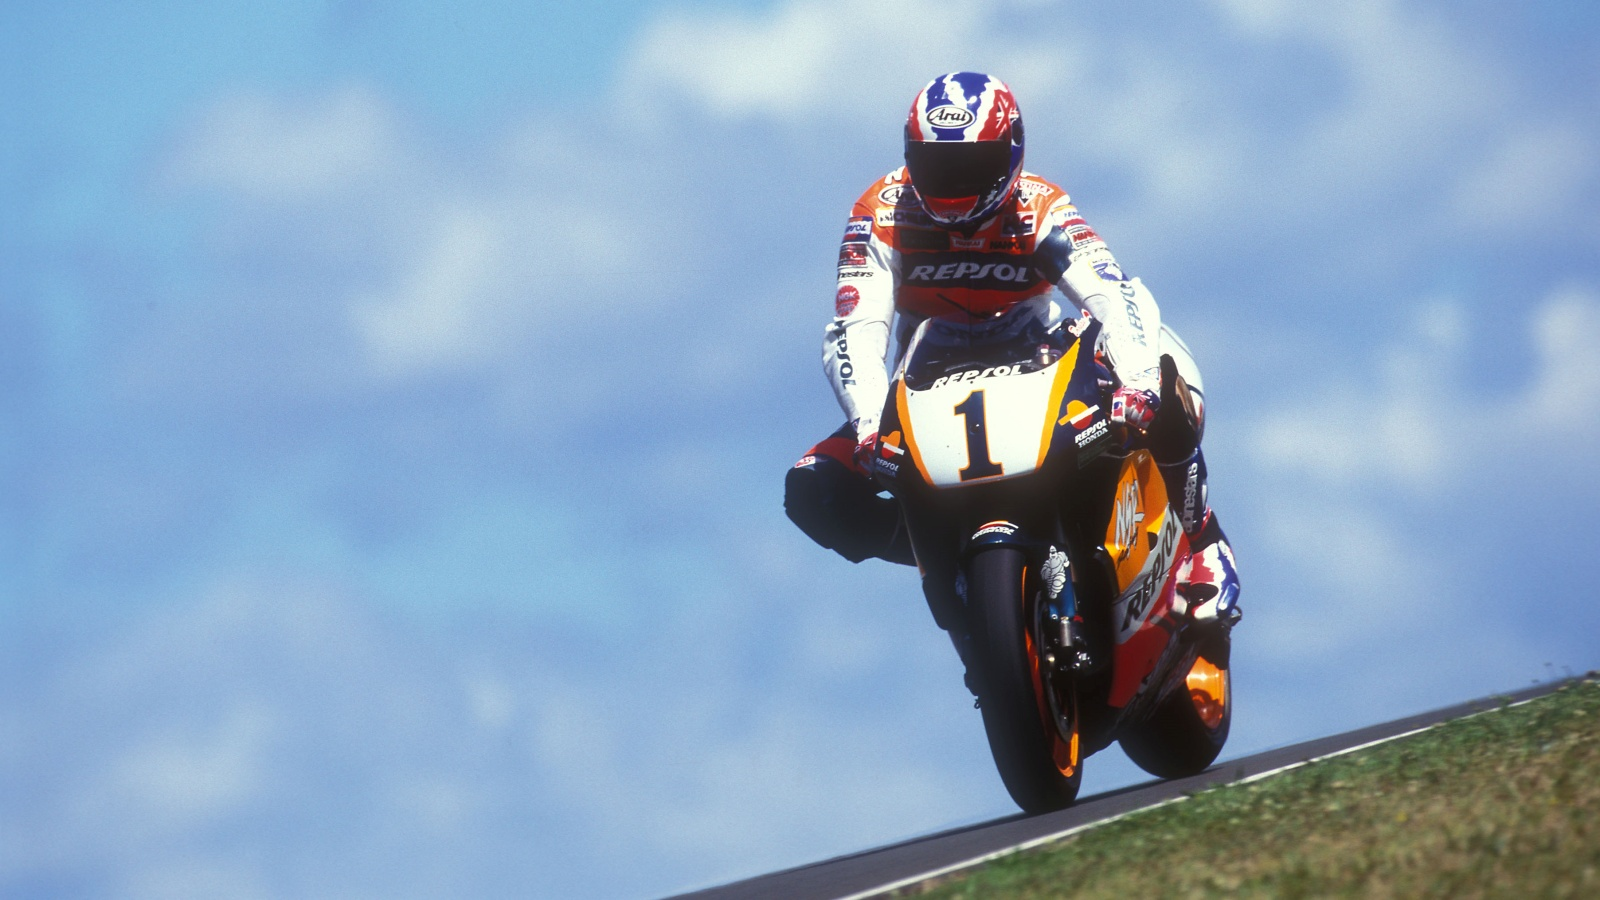 ¿Qué piloto ganó en Phillip Island tanto en 125cc como en 250cc y MotoGP?